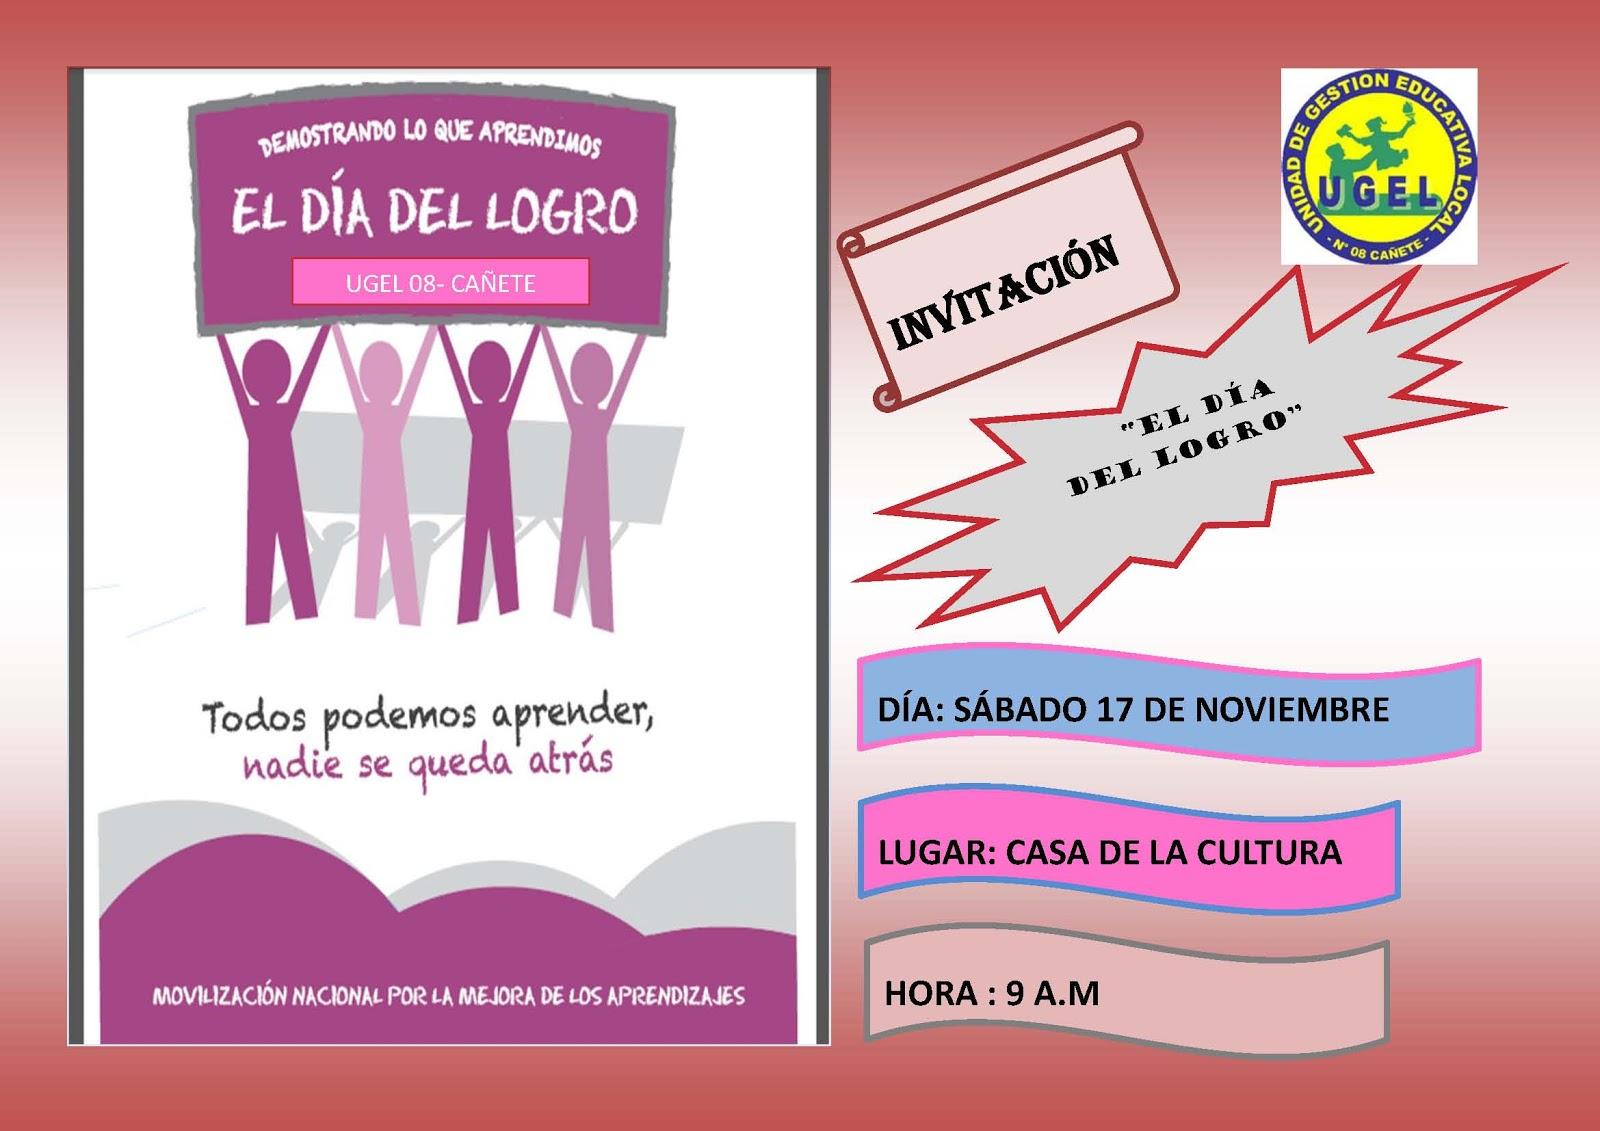 UGEL Nº 08 - CAÑETE: DÍA DEL LOGRO EDUCATIVO